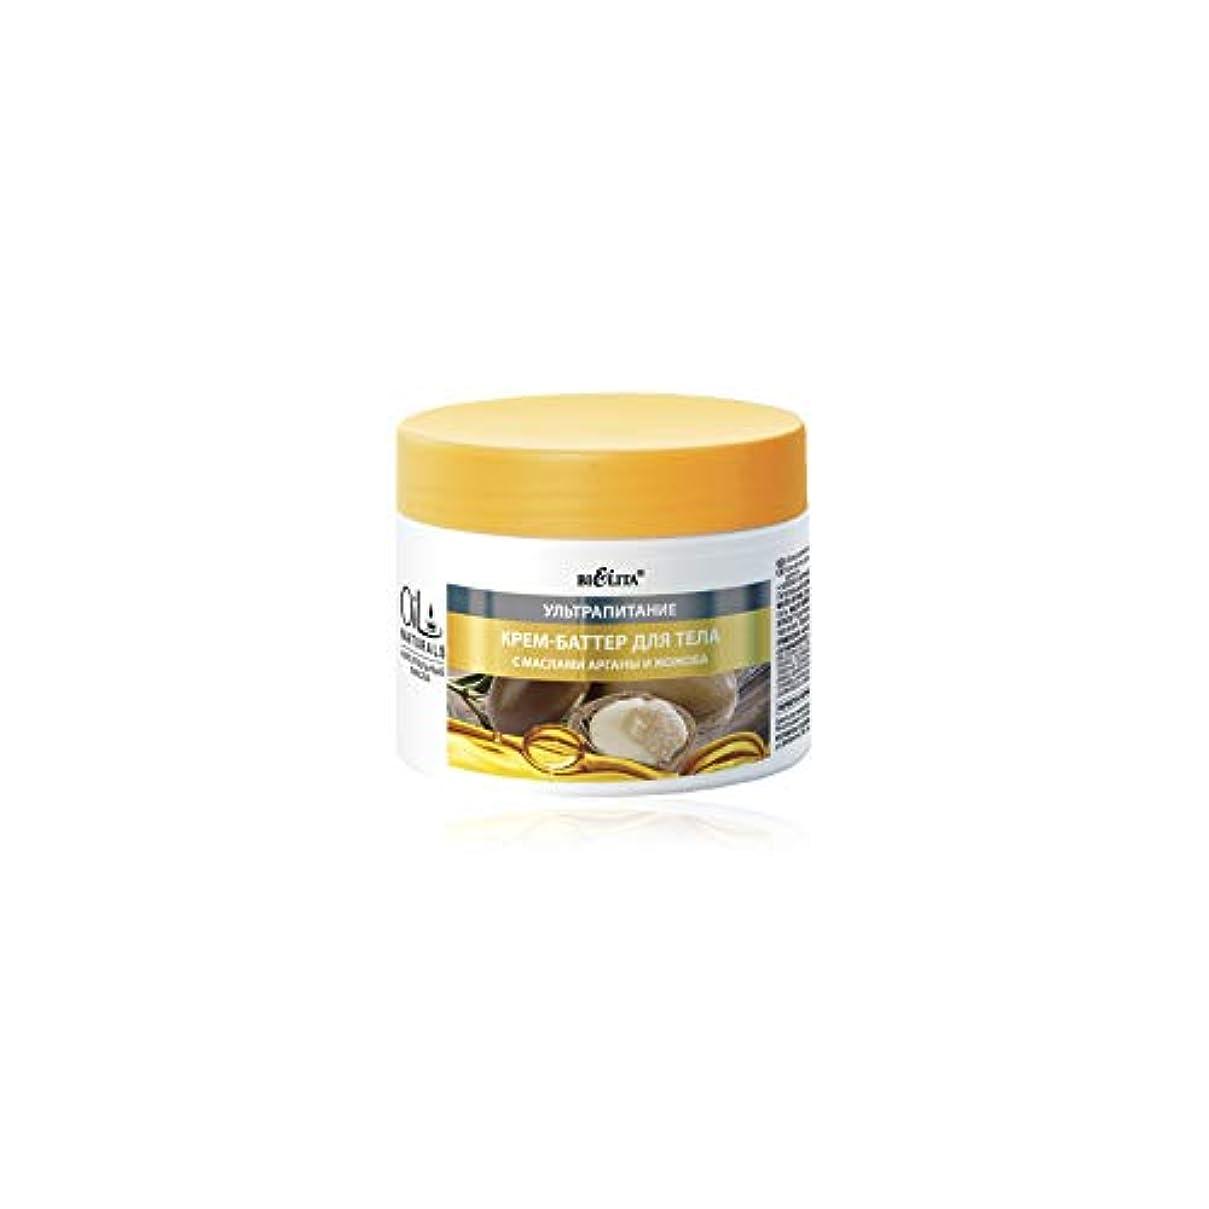 シャーロットブロンテ標高矛盾するBielita & Vitex Oil Naturals Line | Ultra Nourishing Body Butter-Cream for Dry and Sensitive Skin, 300 ml | Argan...